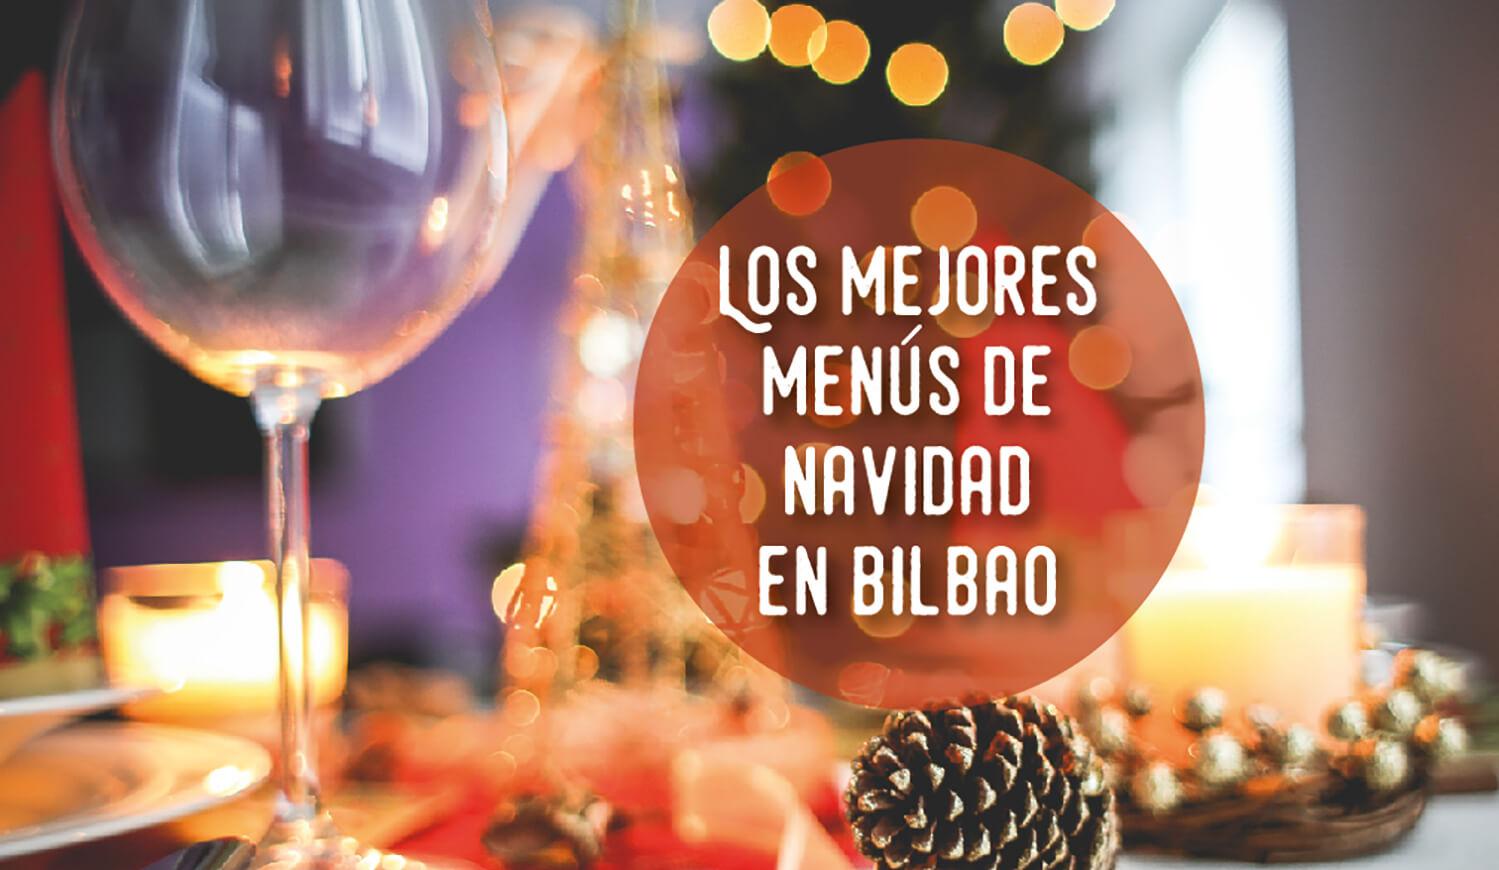 Menús Comidas y cenas de Navidad 2019 en Bilbao